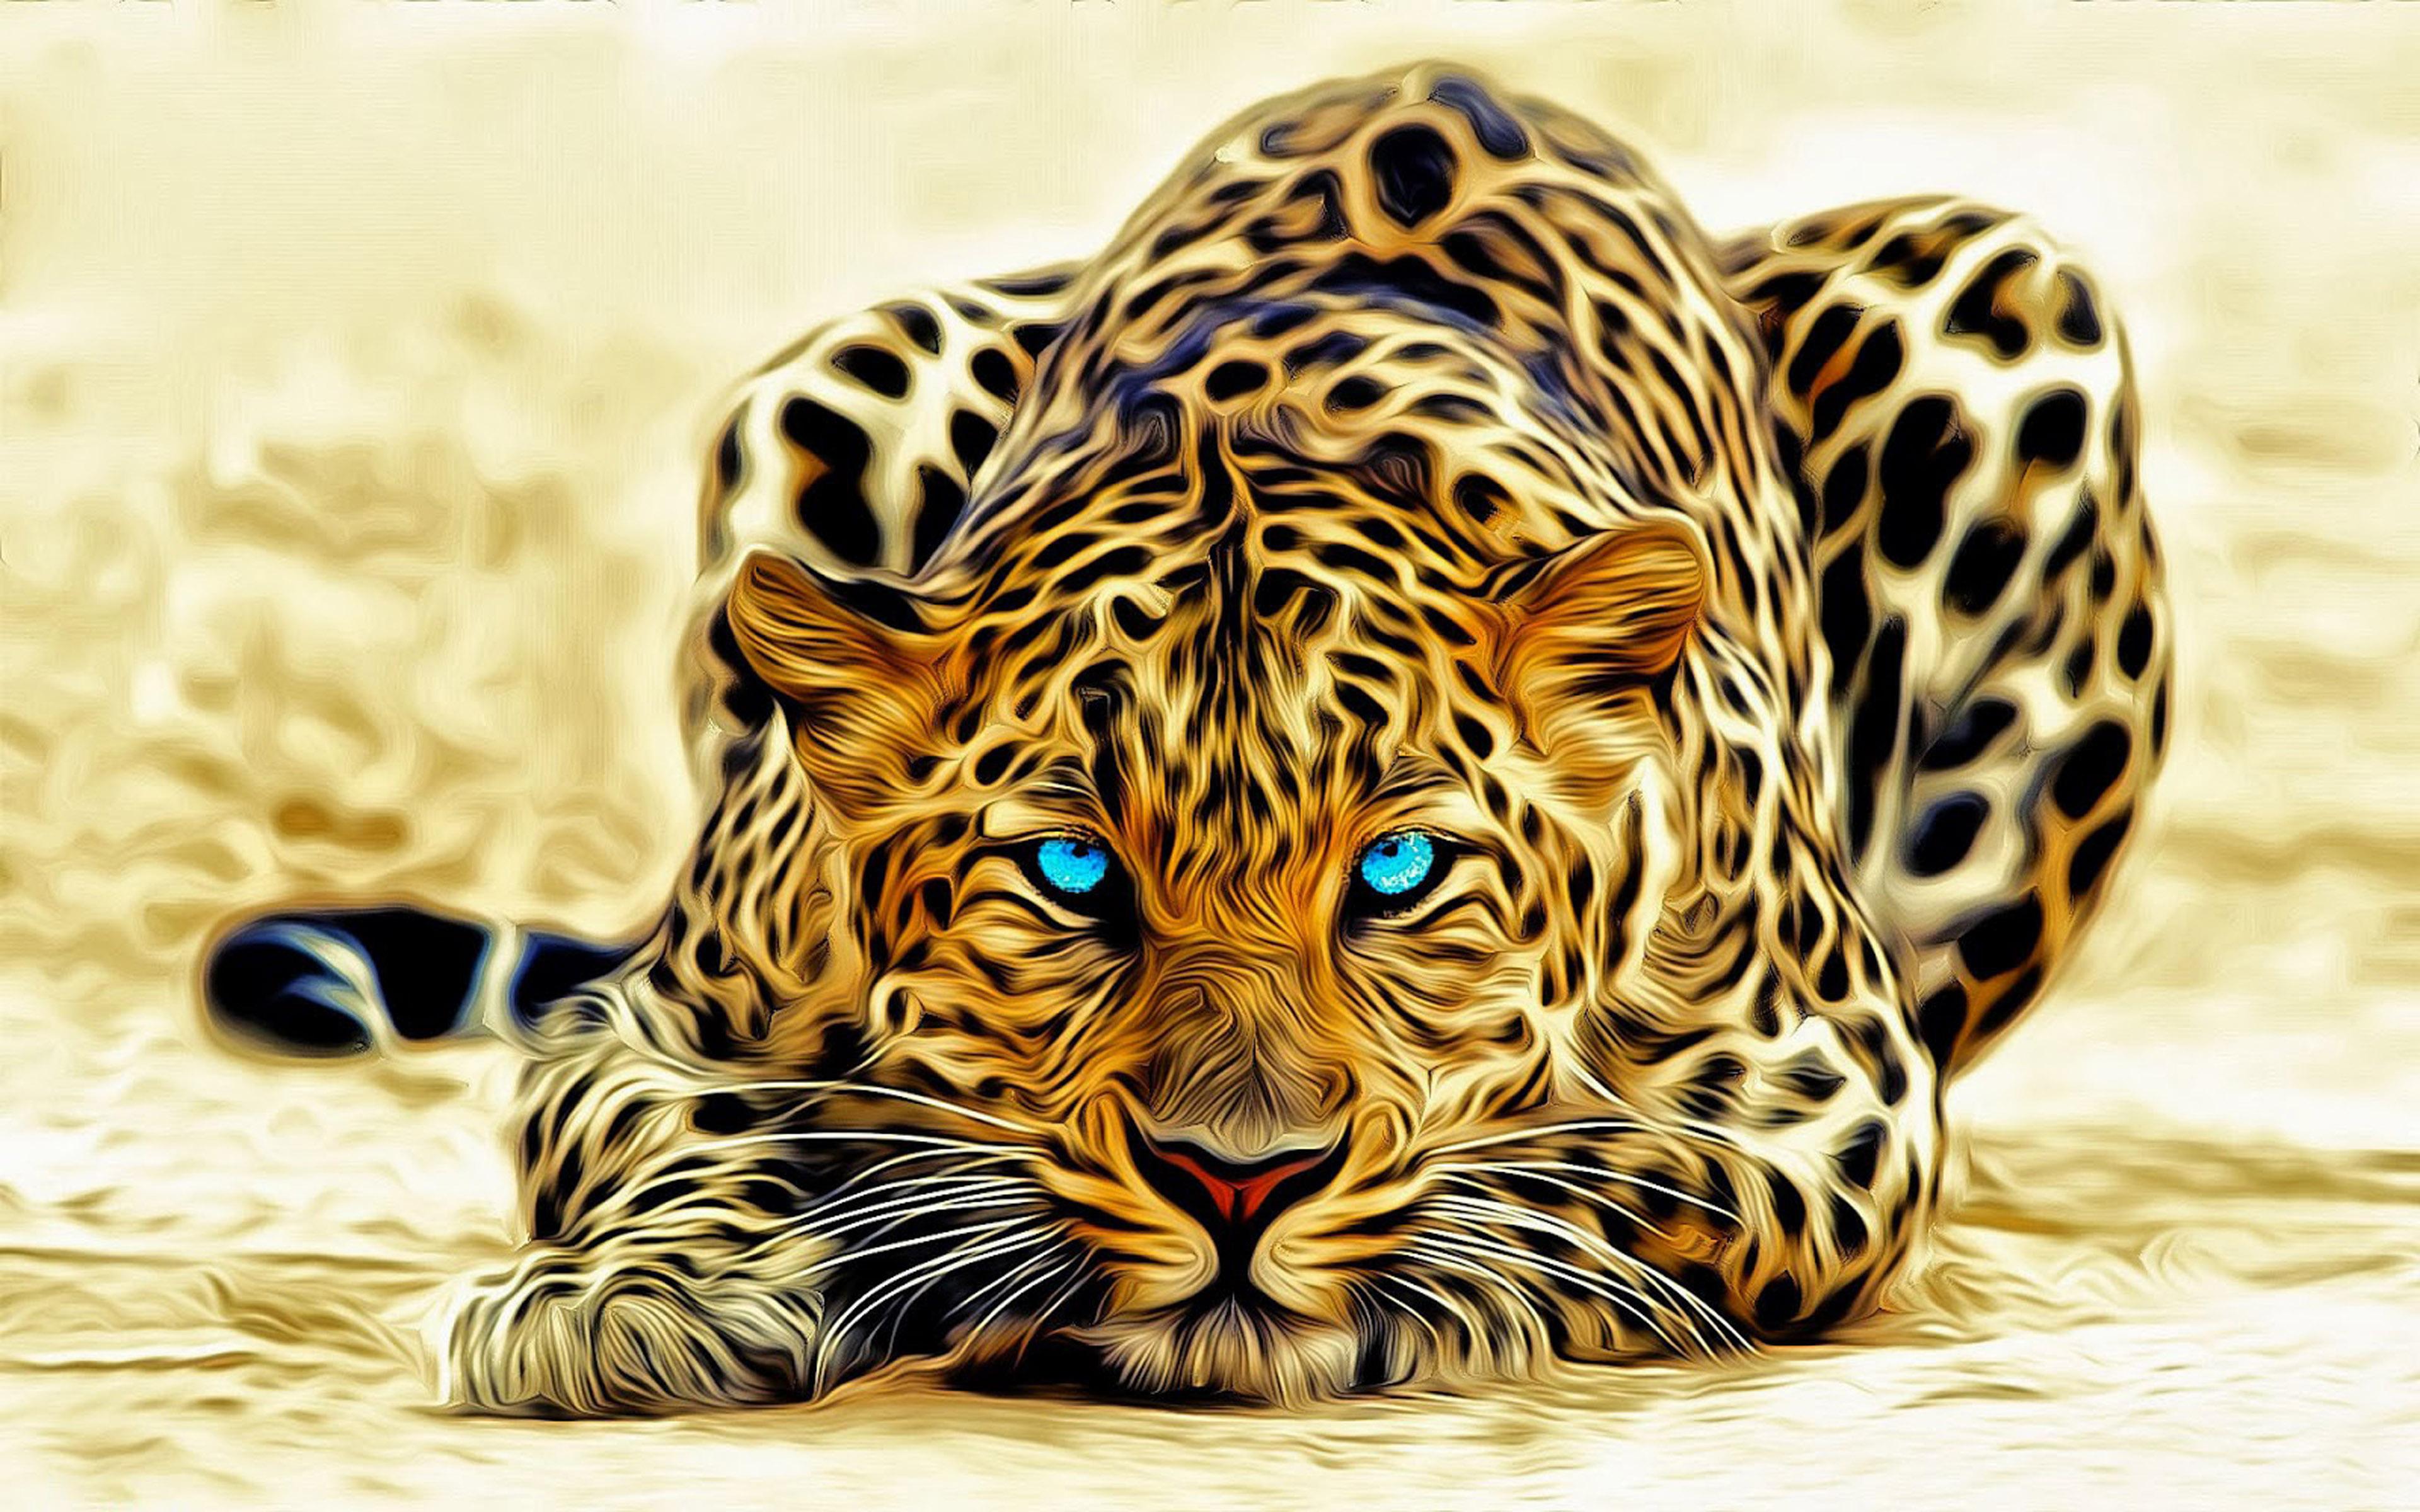 Leopardartabstract3d Wallpaper Hd 3840x2400